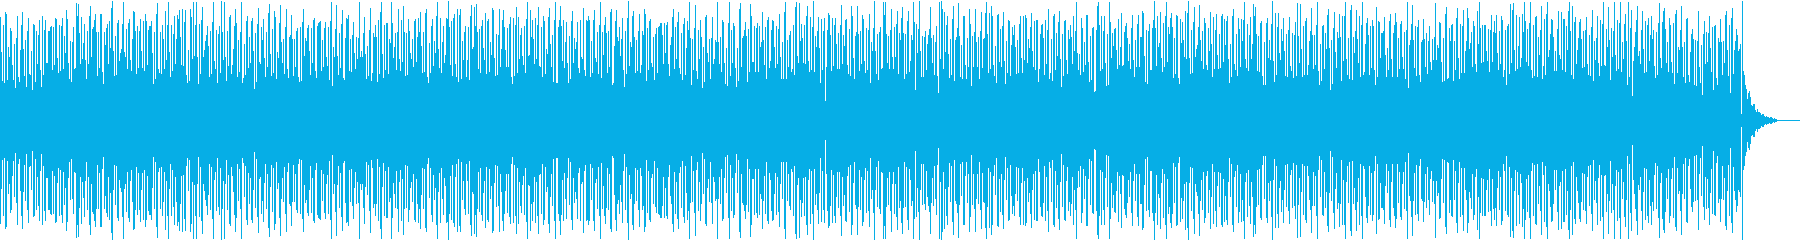 ほのぼの散歩したくなる日常系BGM2の再生済みの波形